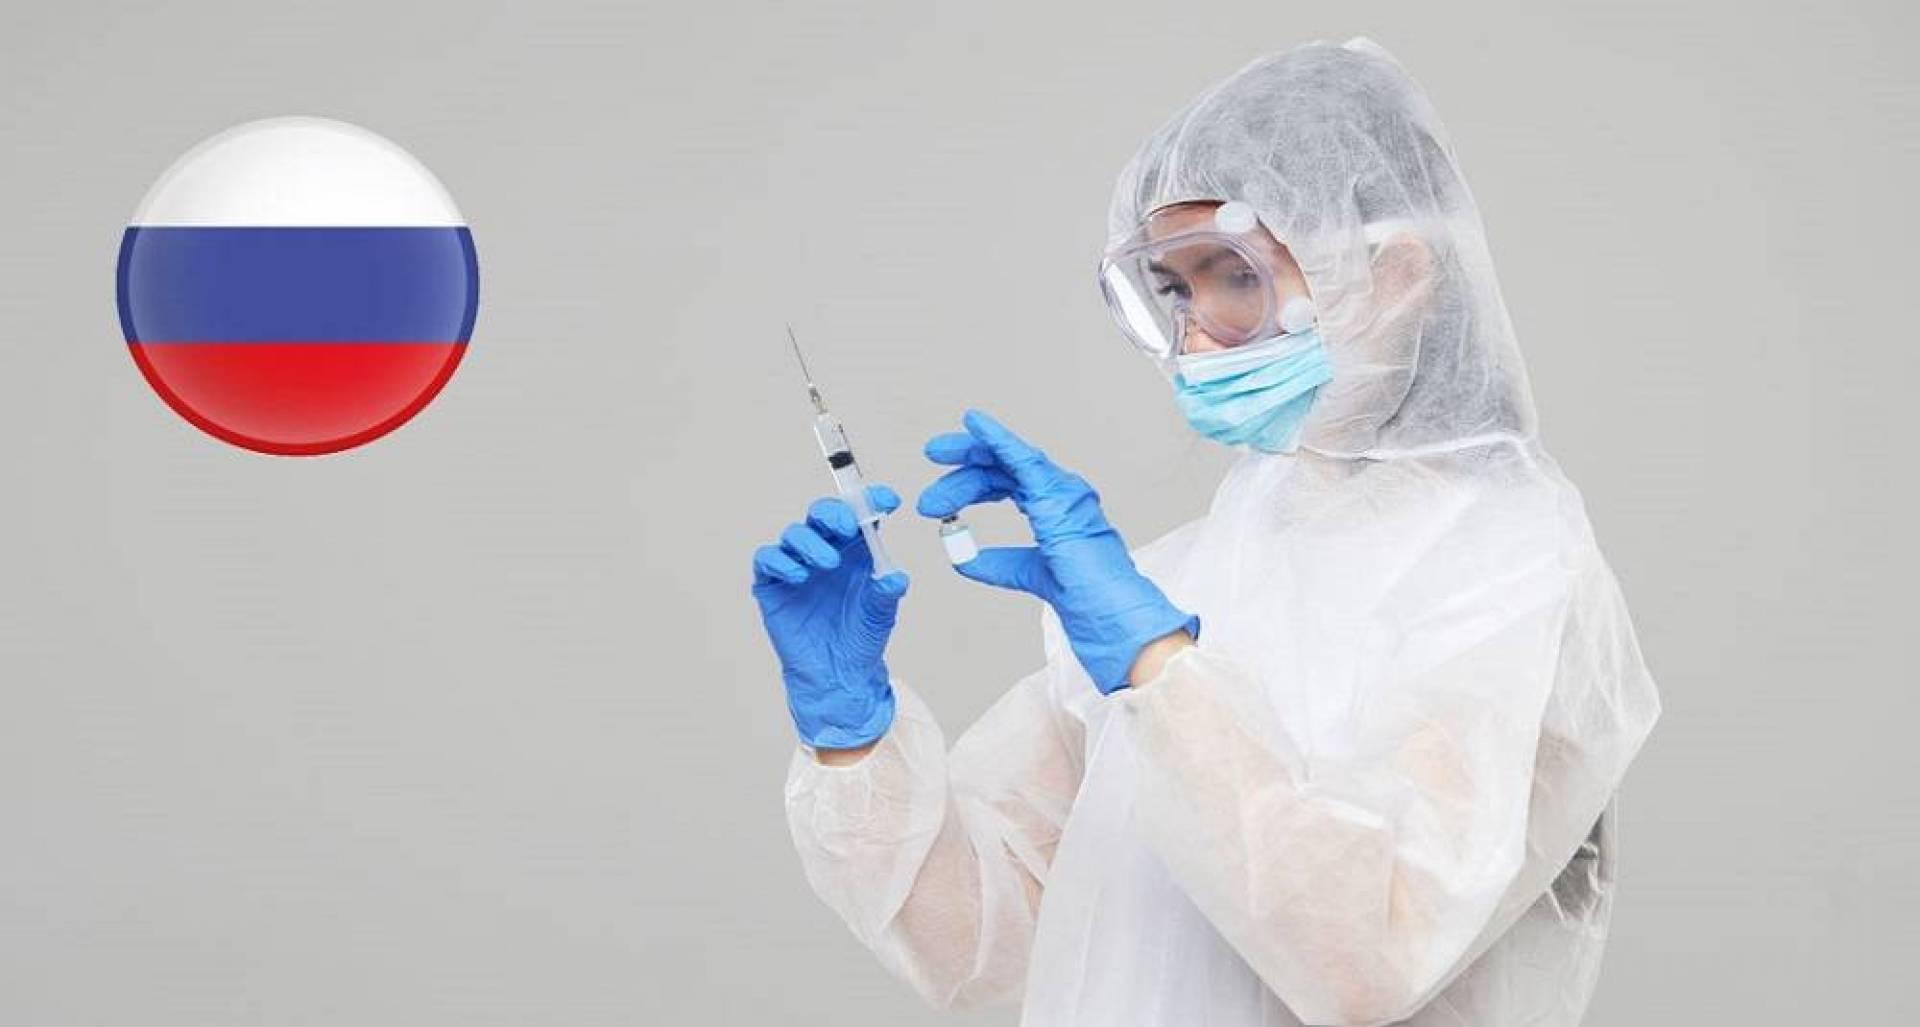 روسيا تستعد لحملة تطعيم جماعي ضد «كورونا».. في أكتوبر المقبل